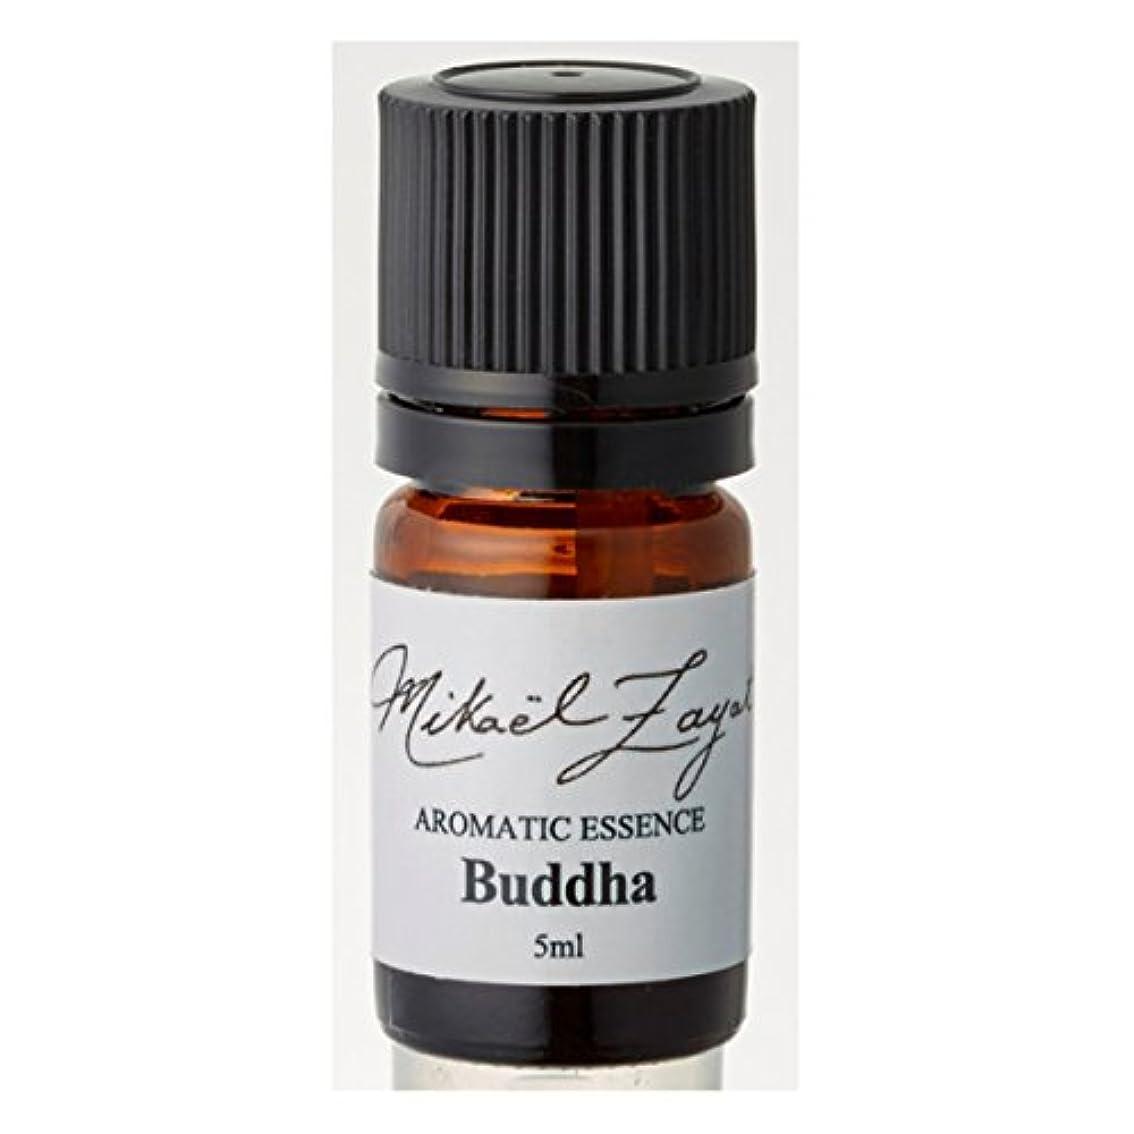 解釈する生まれ円形ミカエルザヤット ブッダ 5ml Buddha 5ml/ Mikael Zayat hand made blend